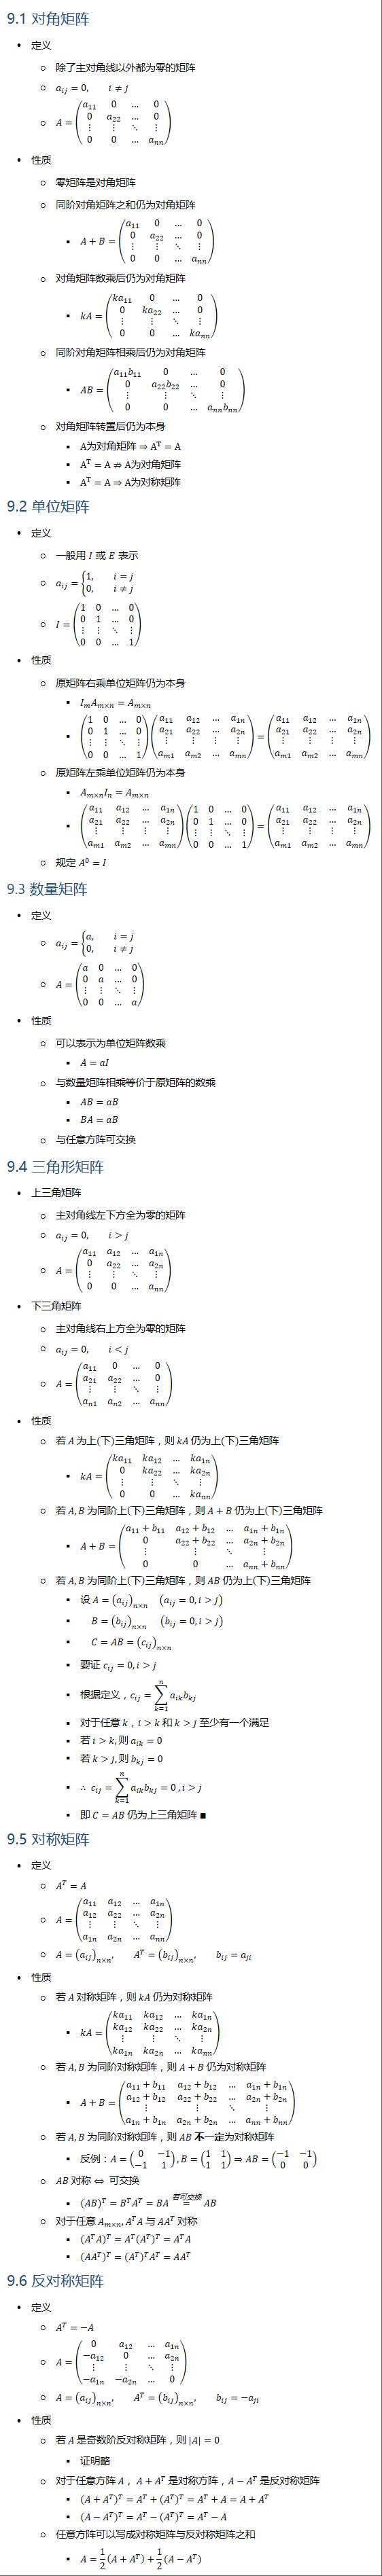 9.1 对角矩阵 • 定义 ○ 除了主对角线以外都为零的矩阵 ○ a_ij=0, i≠j ○ A=(■8(a_11&0&…&0@0&a_22&…&0@⋮&⋮&⋱&⋮@0&0&…&a_nn )) • 性质 ○ 零矩阵是对角矩阵 ○ 同阶对角矩阵之和仍为对角矩阵 § A+B=(■8(a_11&0&…&0@0&a_22&…&0@⋮&⋮&⋱&⋮@0&0&…&a_nn )) ○ 对角矩阵数乘后仍为对角矩阵 § kA=(■8(〖ka〗_11&0&…&0@0&〖ka〗_22&…&0@⋮&⋮&⋱&⋮@0&0&…&〖ka〗_nn )) ○ 同阶对角矩阵相乘后仍为对角矩阵 § AB=(■8(a_11 b_11&0&…&0@0&a_22 b_22&…&0@⋮&⋮&⋱&⋮@0&0&…&a_nn b_nn )) ○ 对角矩阵转置后仍为本身 § A为对角矩阵⇒A^T=A § A^T=A⇏A为对角矩阵 § A^T=A⇒A为对称矩阵 9.2 单位矩阵 • 定义 ○ 一般用 I 或 E 表示 ○ a_ij={█(1, i=j@0, i≠j)┤ ○ I=(■8(1&0&…&0@0&1&…&0@⋮&⋮&⋱&⋮@0&0&…&1) • 性质 ○ 原矩阵右乘单位矩阵仍为本身 § I_m A_(m×n)=A_(m×n) § (■8(1&0&…&0@0&1&…&0@⋮&⋮&⋱&⋮@0&0&…&1))(■8(a_11&a_12&…&a_1n@a_21&a_22&…&a_2n@⋮&⋮&⋮&⋮@a_m1&a_m2&…&a_mn ))=(■8(a_11&a_12&…&a_1n@a_21&a_22&…&a_2n@⋮&⋮&⋮&⋮@a_m1&a_m2&…&a_mn )) ○ 原矩阵左乘单位矩阵仍为本身 § A_(m×n) I_n=A_(m×n) § (■8(a_11&a_12&…&a_1n@a_21&a_22&…&a_2n@⋮&⋮&⋮&⋮@a_m1&a_m2&…&a_mn ))(■8(1&0&…&0@0&1&…&0@⋮&⋮&⋱&⋮@0&0&…&1))=(■8(a_11&a_12&…&a_1n@a_21&a_22&…&a_2n@⋮&⋮&⋮&⋮@a_m1&a_m2&…&a_mn )) ○ 规定 A^0=I 9.3 数量矩阵 • 定义 ○ a_ij={█(a, i=j@0, i≠j)┤ ○ A=(■8(a&0&…&0@0&a&…&0@⋮&⋮&⋱&⋮@0&0&…&a)) • 性质 ○ 可以表示为单位矩阵数乘 § A=aI ○ 与数量矩阵相乘等价于原矩阵的数乘 § AB=aB § BA=aB ○ 与任意方阵可交换 9.4 三角形矩阵 • 上三角矩阵 ○ 主对角线左下方全为零的矩阵 ○ a_ij=0, i>j ○ A=(■8(a_11&a_12&…&a_1n@0&a_22&…&a_2n@⋮&⋮&⋱&⋮@0&0&…&a_nn )) • 下三角矩阵 ○ 主对角线右上方全为零的矩阵 ○ a_ij=0, i<j ○ A=(■8(a_11&0&…&0@a_21&a_22&…&0@⋮&⋮&⋱&⋮@a_n1&a_n2&…&a_nn )) • 性质 ○ 若 A 为上(下)三角矩阵,则 kA 仍为上(下)三角矩阵 § kA=(■8(〖ka〗_11&ka_12&…&〖ka〗_1n@0&ka_22&…&ka_2n@⋮&⋮&⋱&⋮@0&0&…&ka_nn )) ○ 若 A, B 为同阶上(下)三角矩阵,则 A+B 仍为上(下)三角矩阵 § A+B=(■8(a_11+b_11&a_12+b_12&…&a_1n+b_1n@0&a_22+b_22&…&a_2n+b_2n@⋮&⋮&⋱&⋮@0&0&…&a_nn+b_nn )) ○ 若 A, B 为同阶上(下)三角矩阵,则 AB 仍为上(下)三角矩阵 § 设 A=(a_ij )_(n×n) (a_ij=0,i>j) § B=(b_ij )_(n×n) (b_ij=0,i>j) § C=AB=(c_ij )_(n×n) § 要证 c_ij=0,i>j § 根据定义,c_ij=∑_(k=1)^n▒〖a_ik b_kj 〗 § 对于任意 k,i>k 和 k>j 至少有一个满足 § 若 i>k, 则 a_ik=0 § 若 k>j, 则 b_kj=0 § ∴ c_ij=∑_(k=1)^n▒〖a_ik b_kj 〗=0 ,i>j § 即 C=AB 仍为上三角矩阵 ∎ 9.5 对称矩阵 • 定义 ○ A^T=A ○ A=(■8(a_11&a_12&…&a_1n@a_12&a_22&…&a_2n@⋮&⋮&⋱&⋮@a_1n&a_2n&…&a_nn )) ○ A=(a_ij )_(n×n), A^T=(b_ij )_(n×n), b_ij=a_ji • 性质 ○ 若 A 对称矩阵,则 kA 仍为对称矩阵